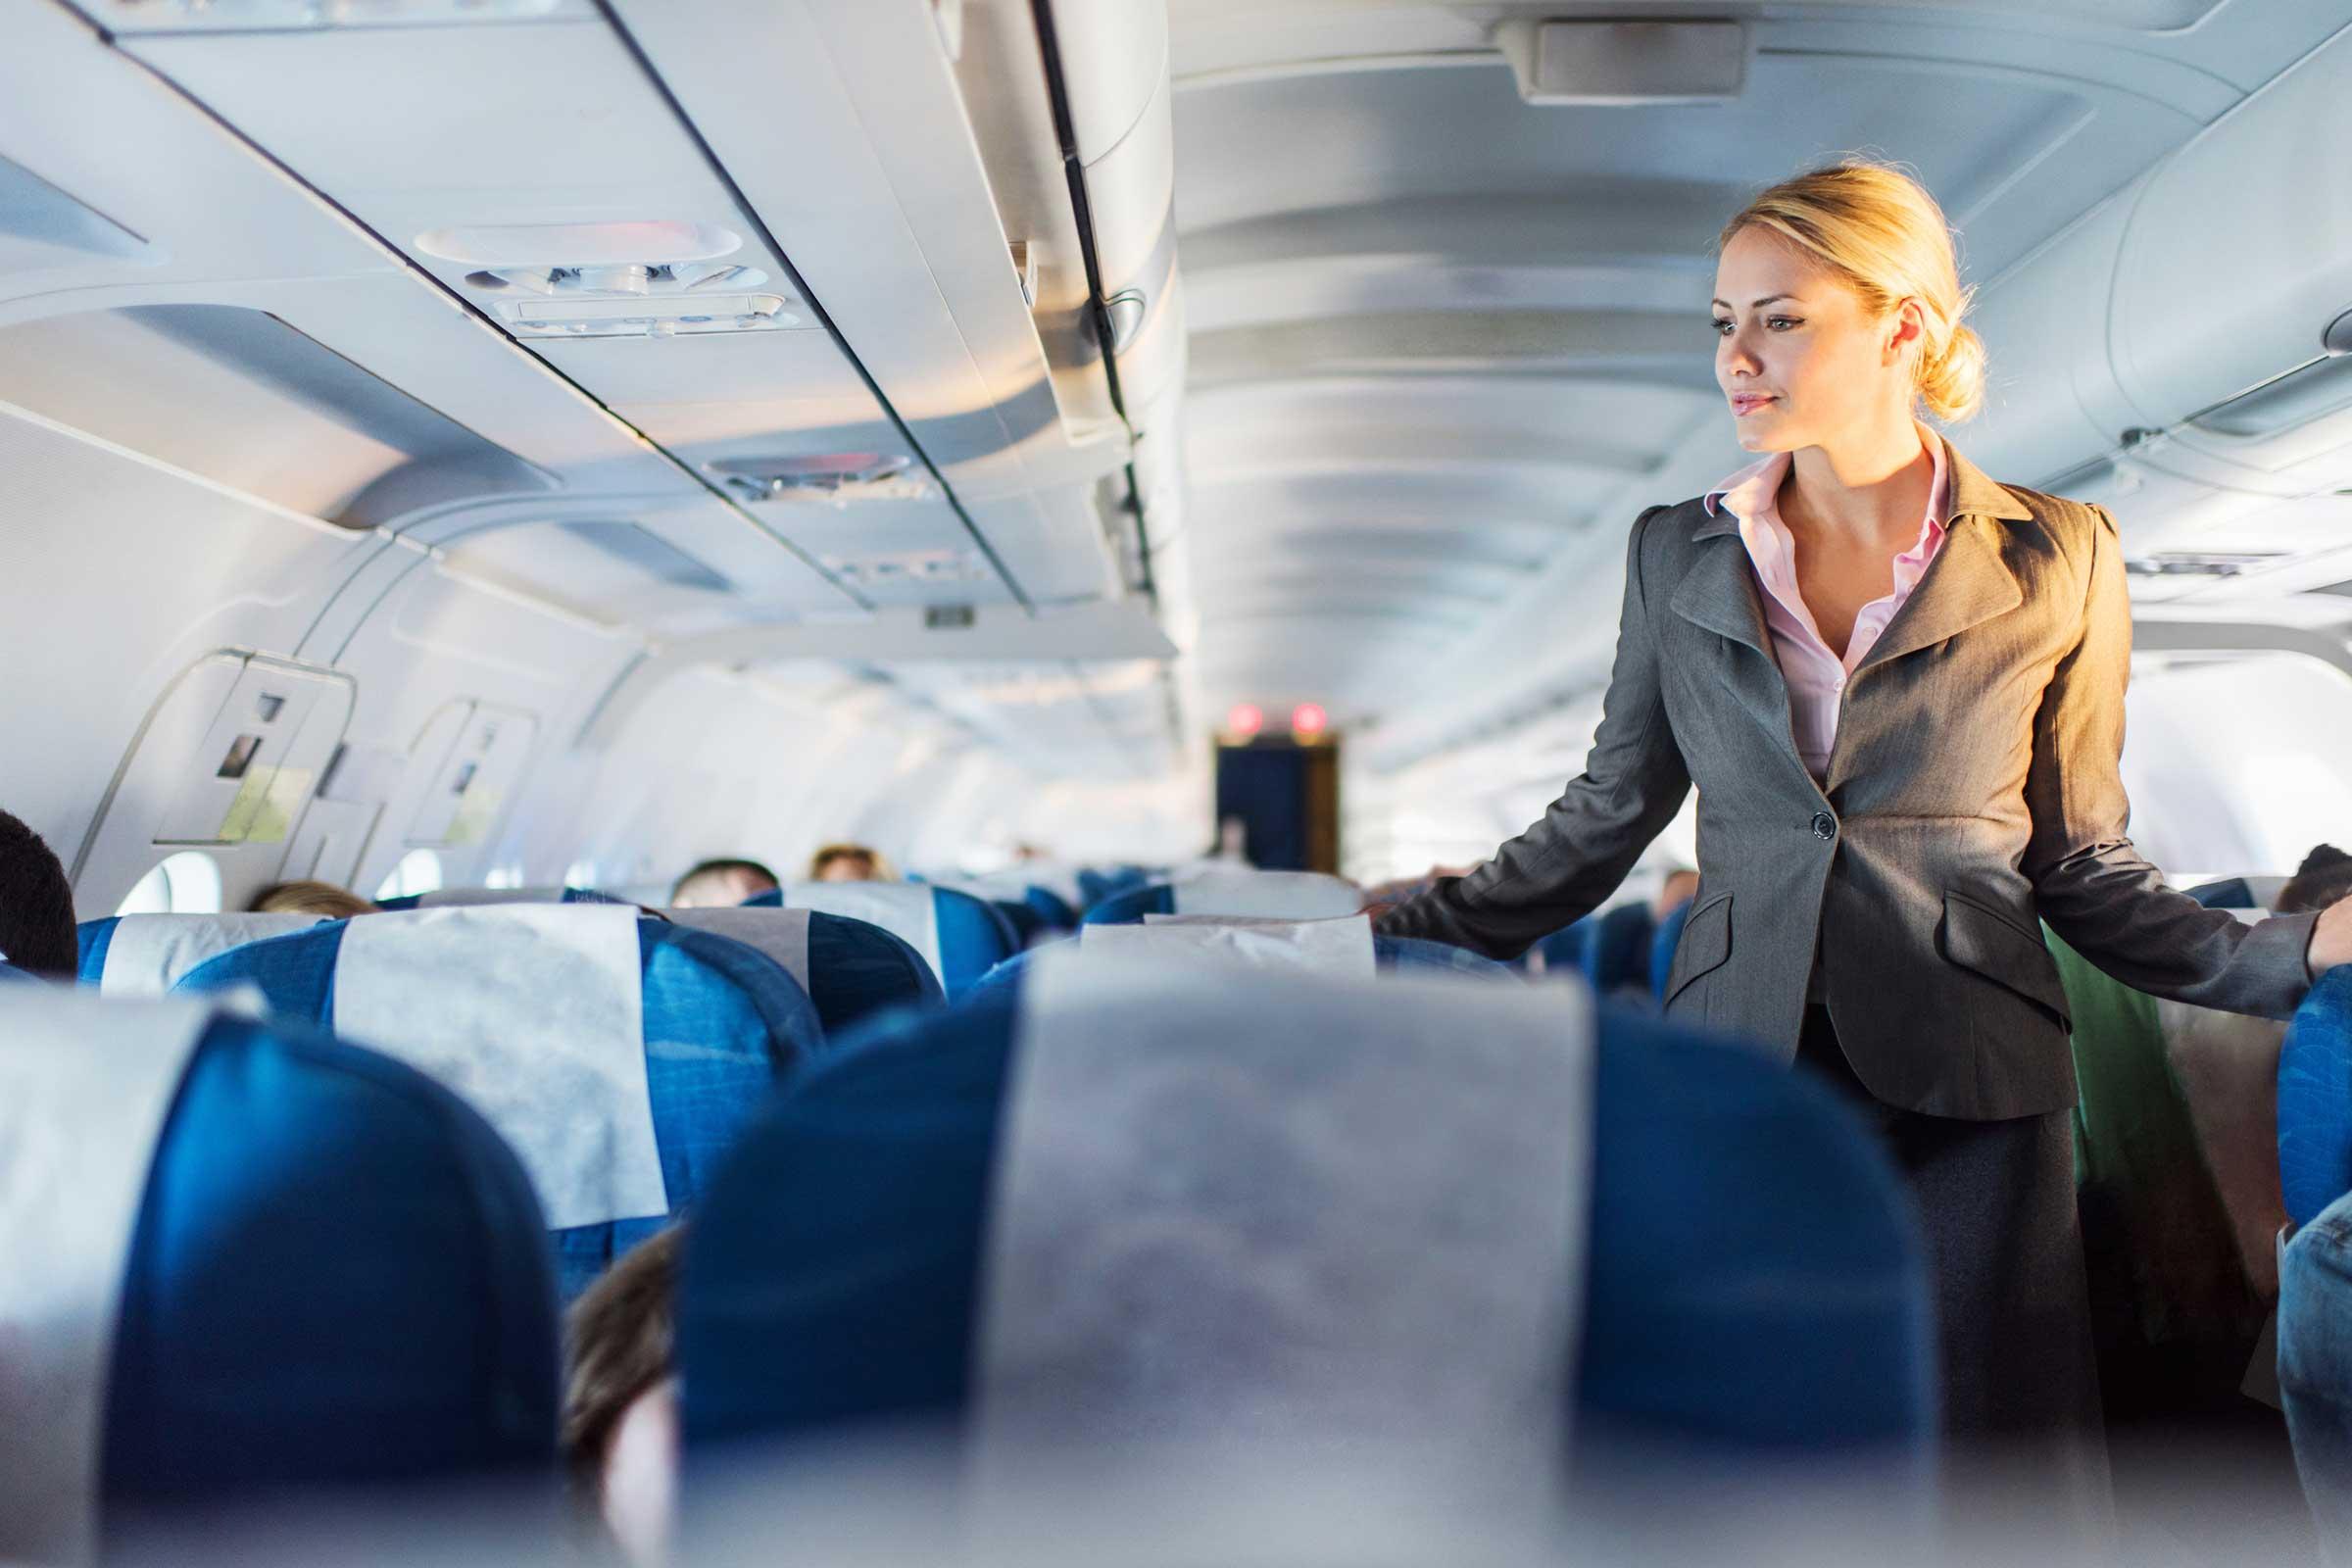 Медпомощь в воздухе: кто готов спасать пассажиров во время рейса